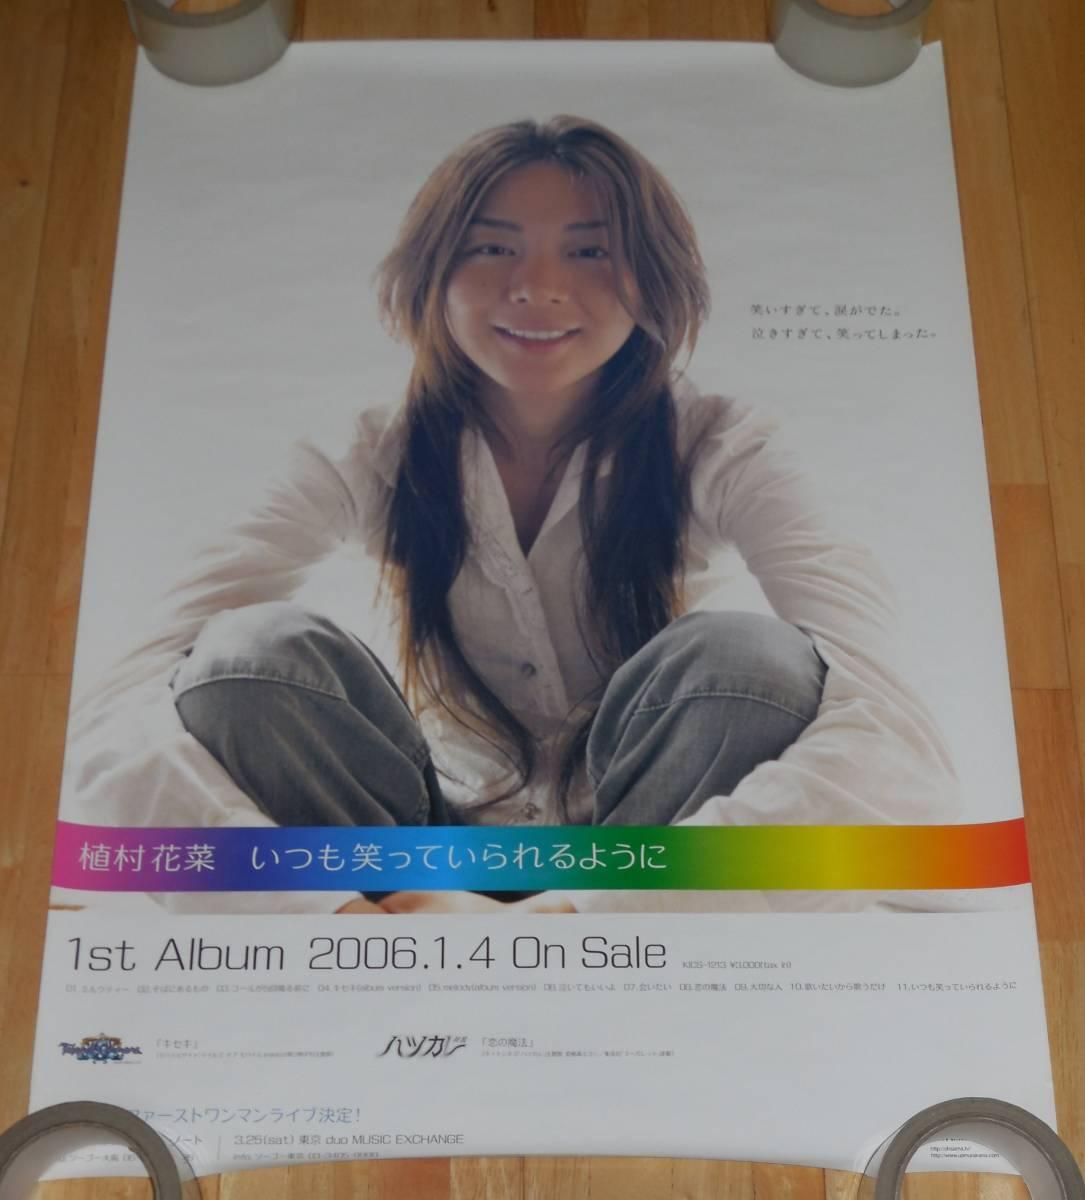 0962/植村花菜 ポスター/いつも笑っていられるように 発売告知/B2サイズ